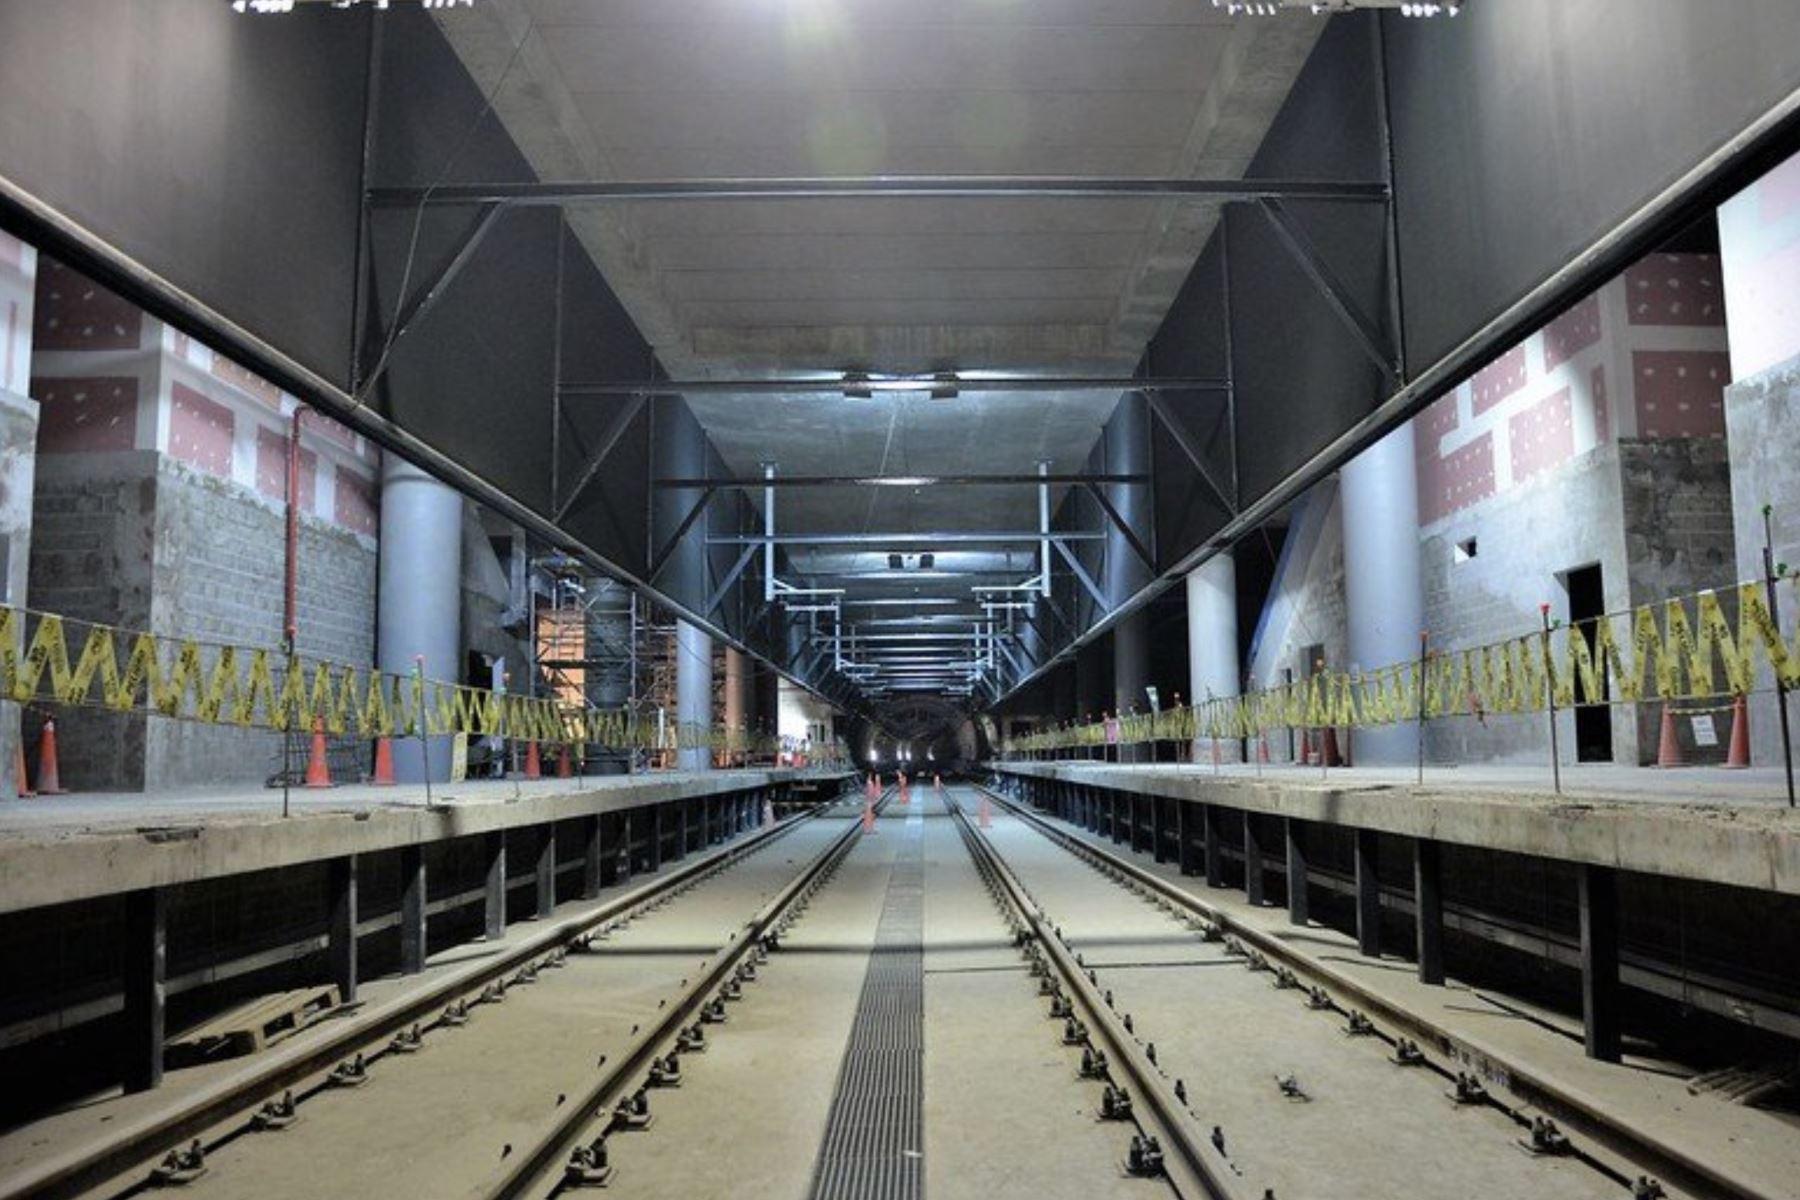 viabilidad-de-lineas-3-y-4-de-metro-de-lima-tendria-luz-verde-en-junio-de-este-ano